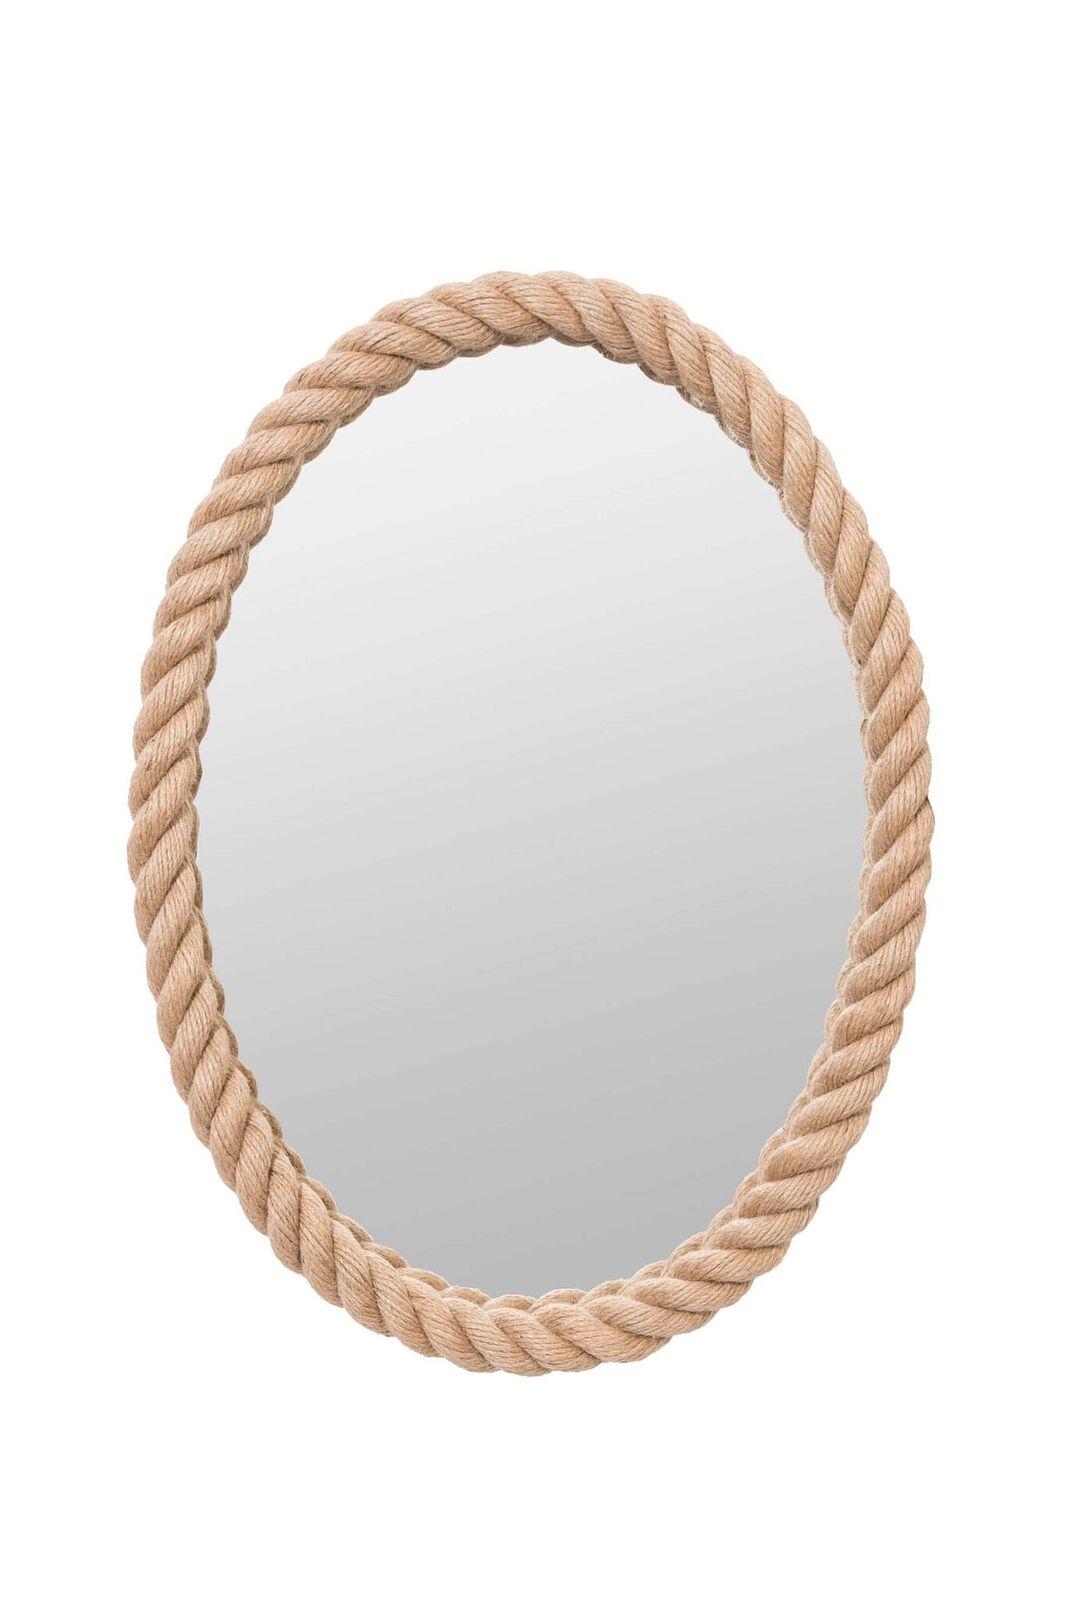 Купить Зеркало в канате овальное, inmyroom, Россия